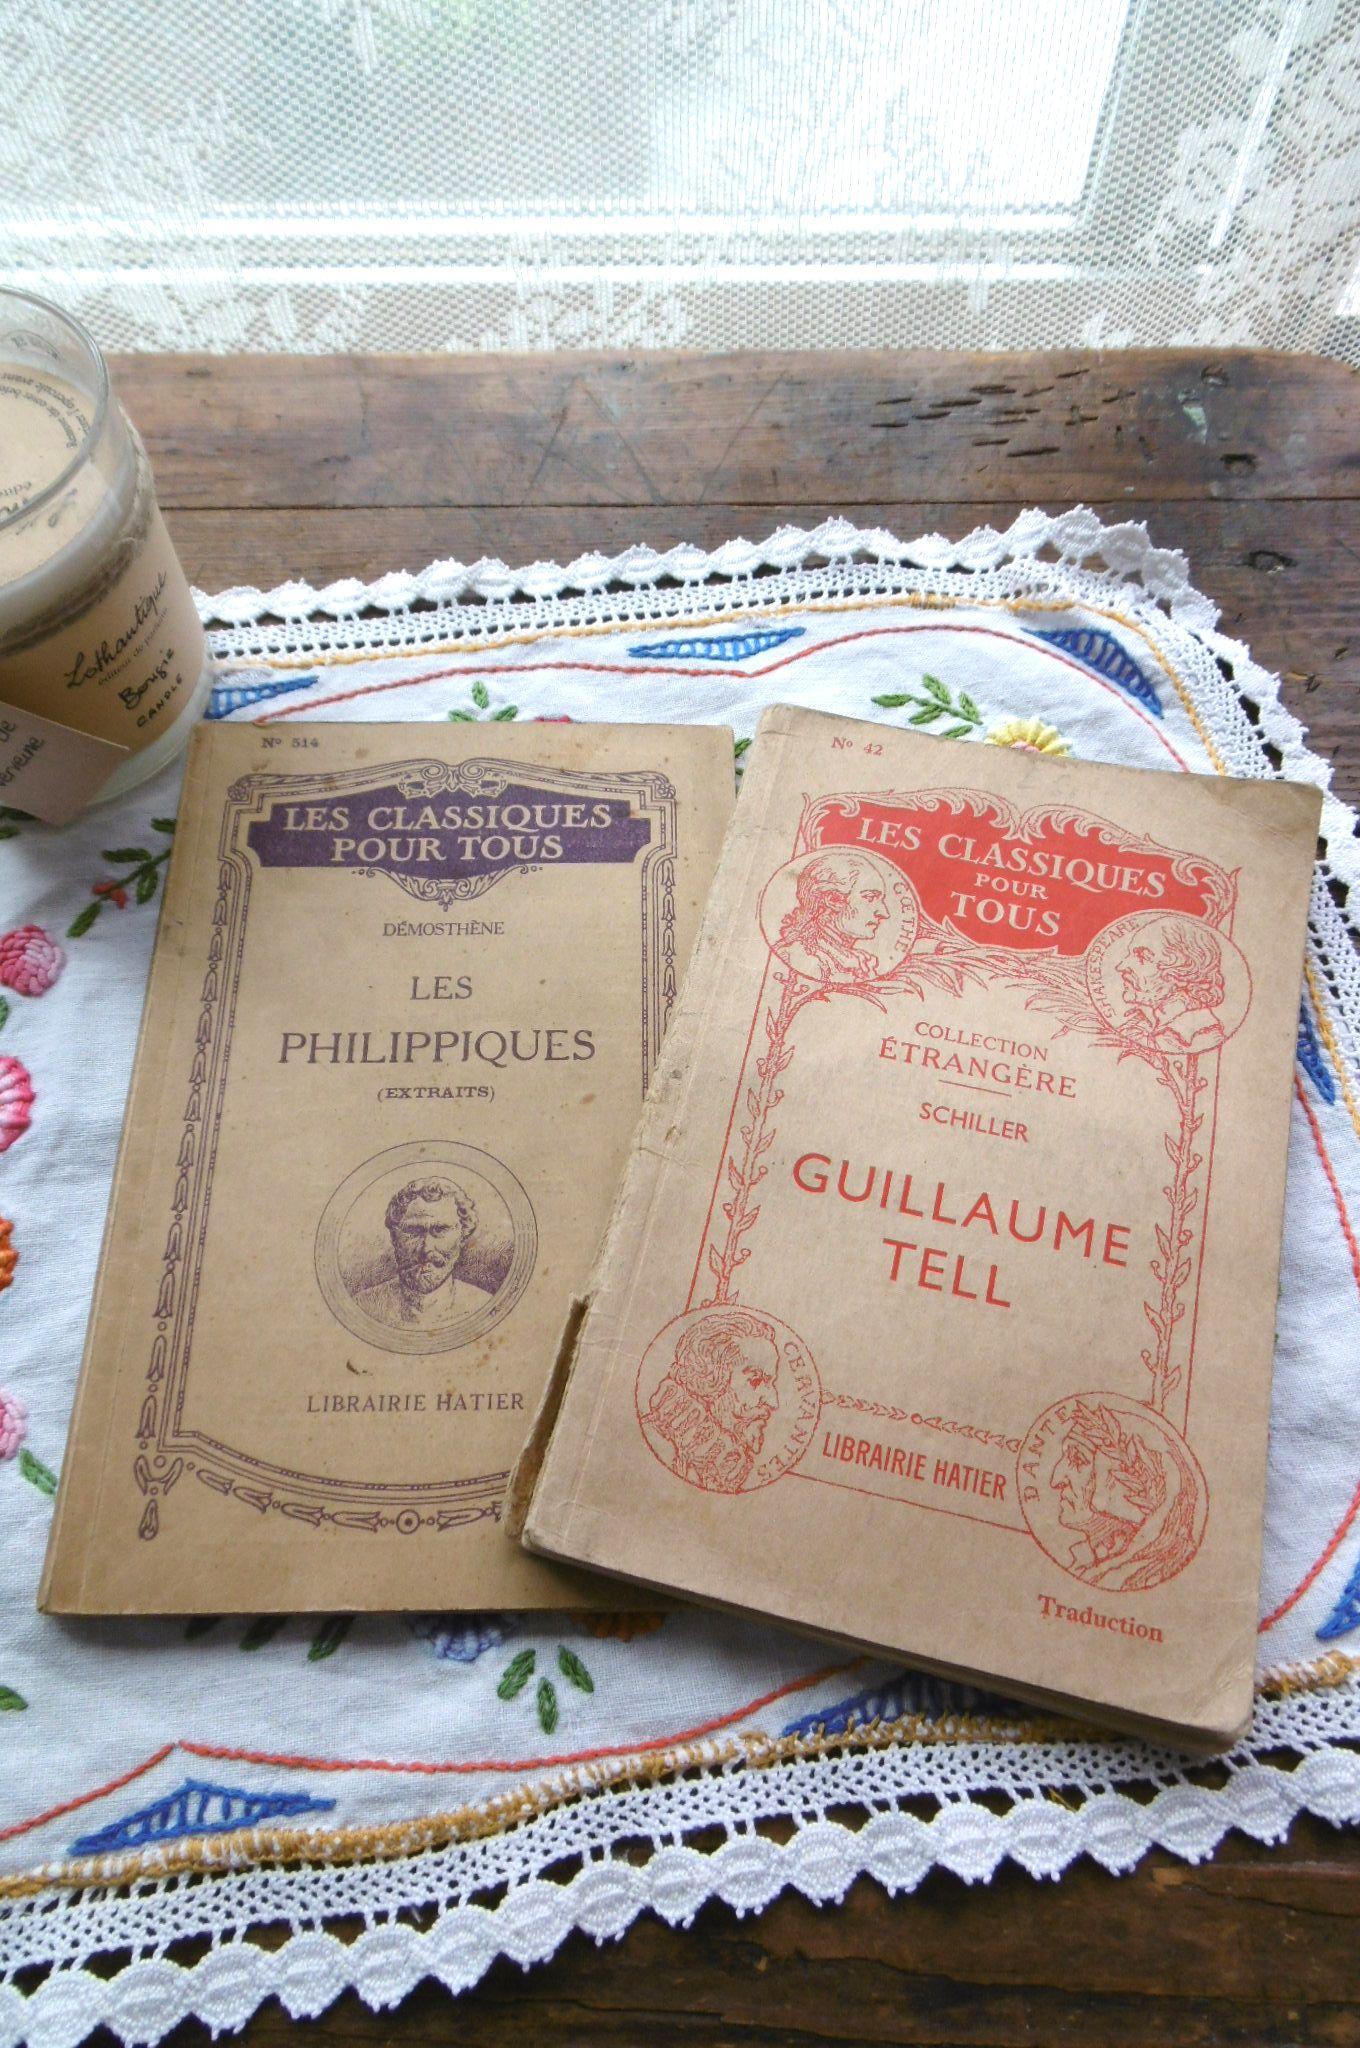 フランスアンティーク 古書LIBRAIRIE HATIER クラシックシリーズ2冊セットA 1930年代